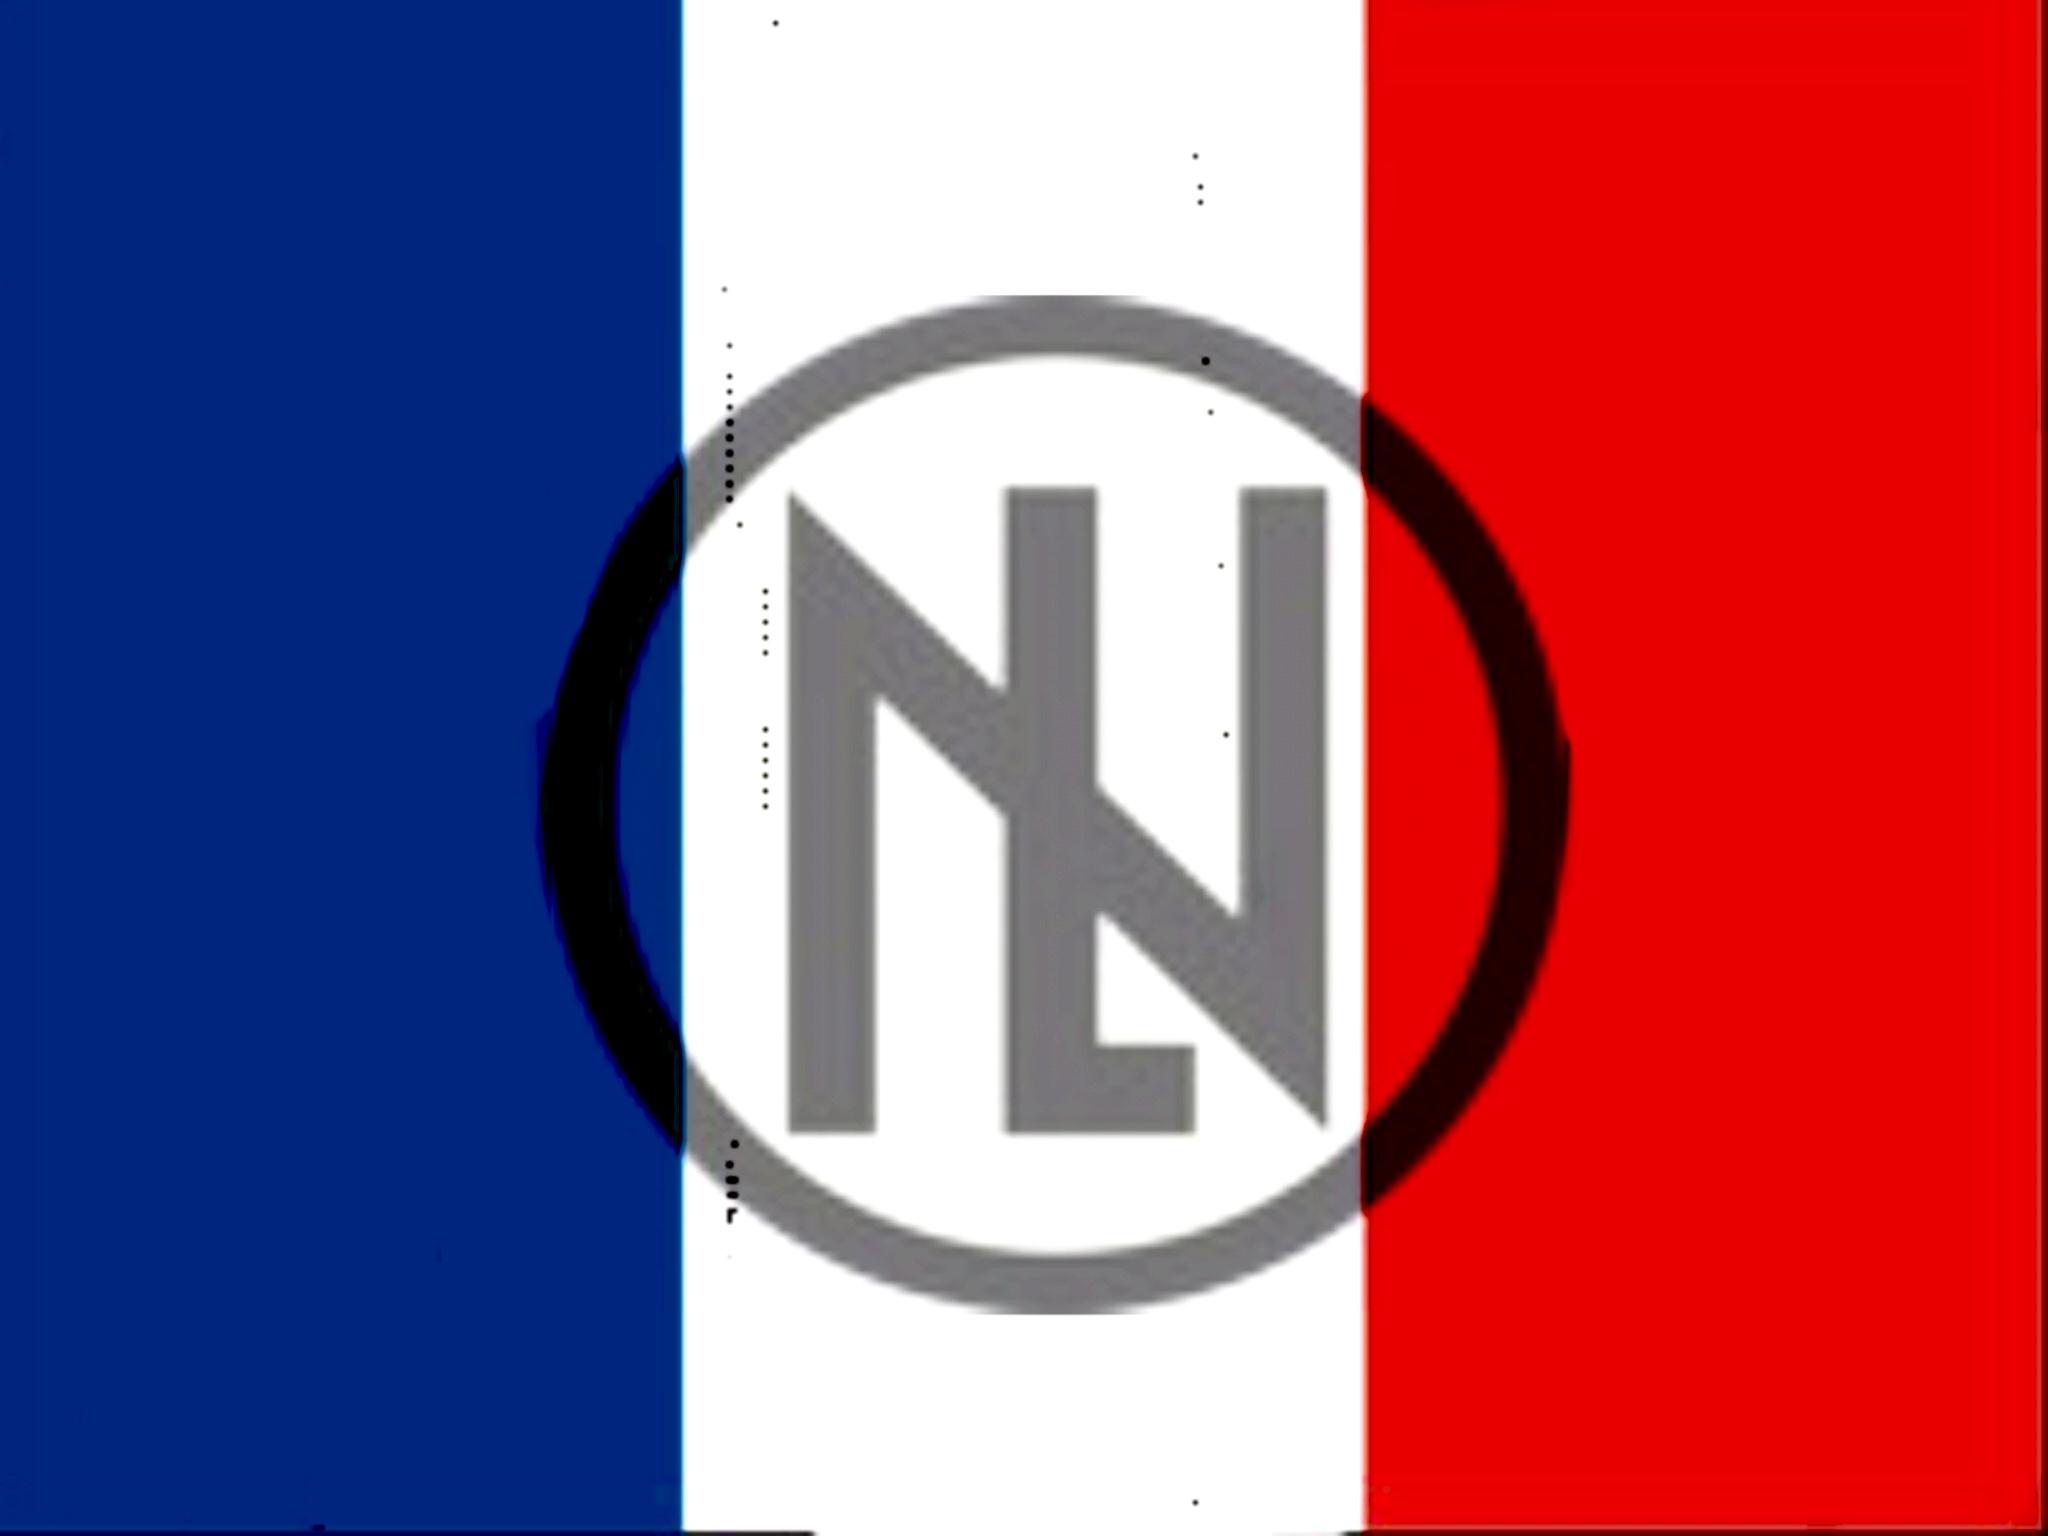 Sticker politic pnl de lesquen henry drapeau francais france parti national liberal natlib